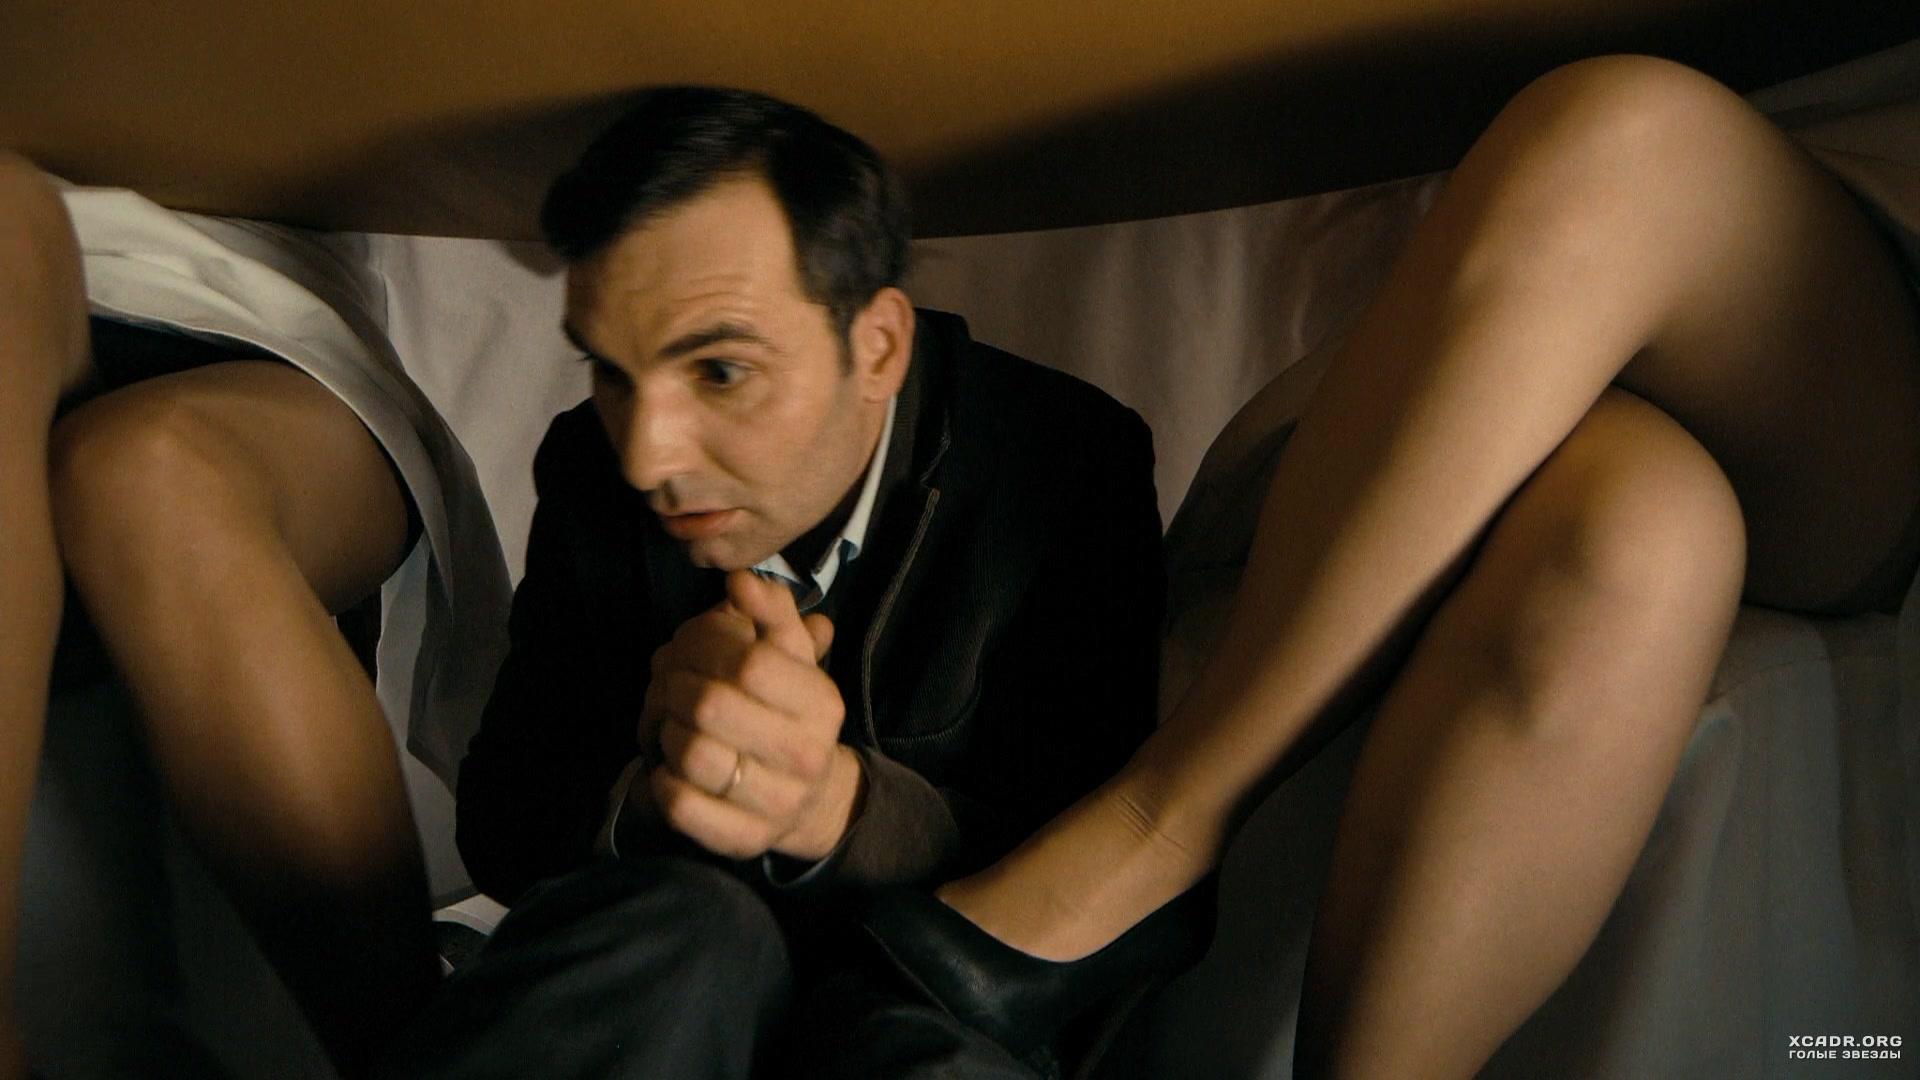 сайт Bizupr предлагает муж застукал жену на измене смотреть порно думаю, что правы. уверен